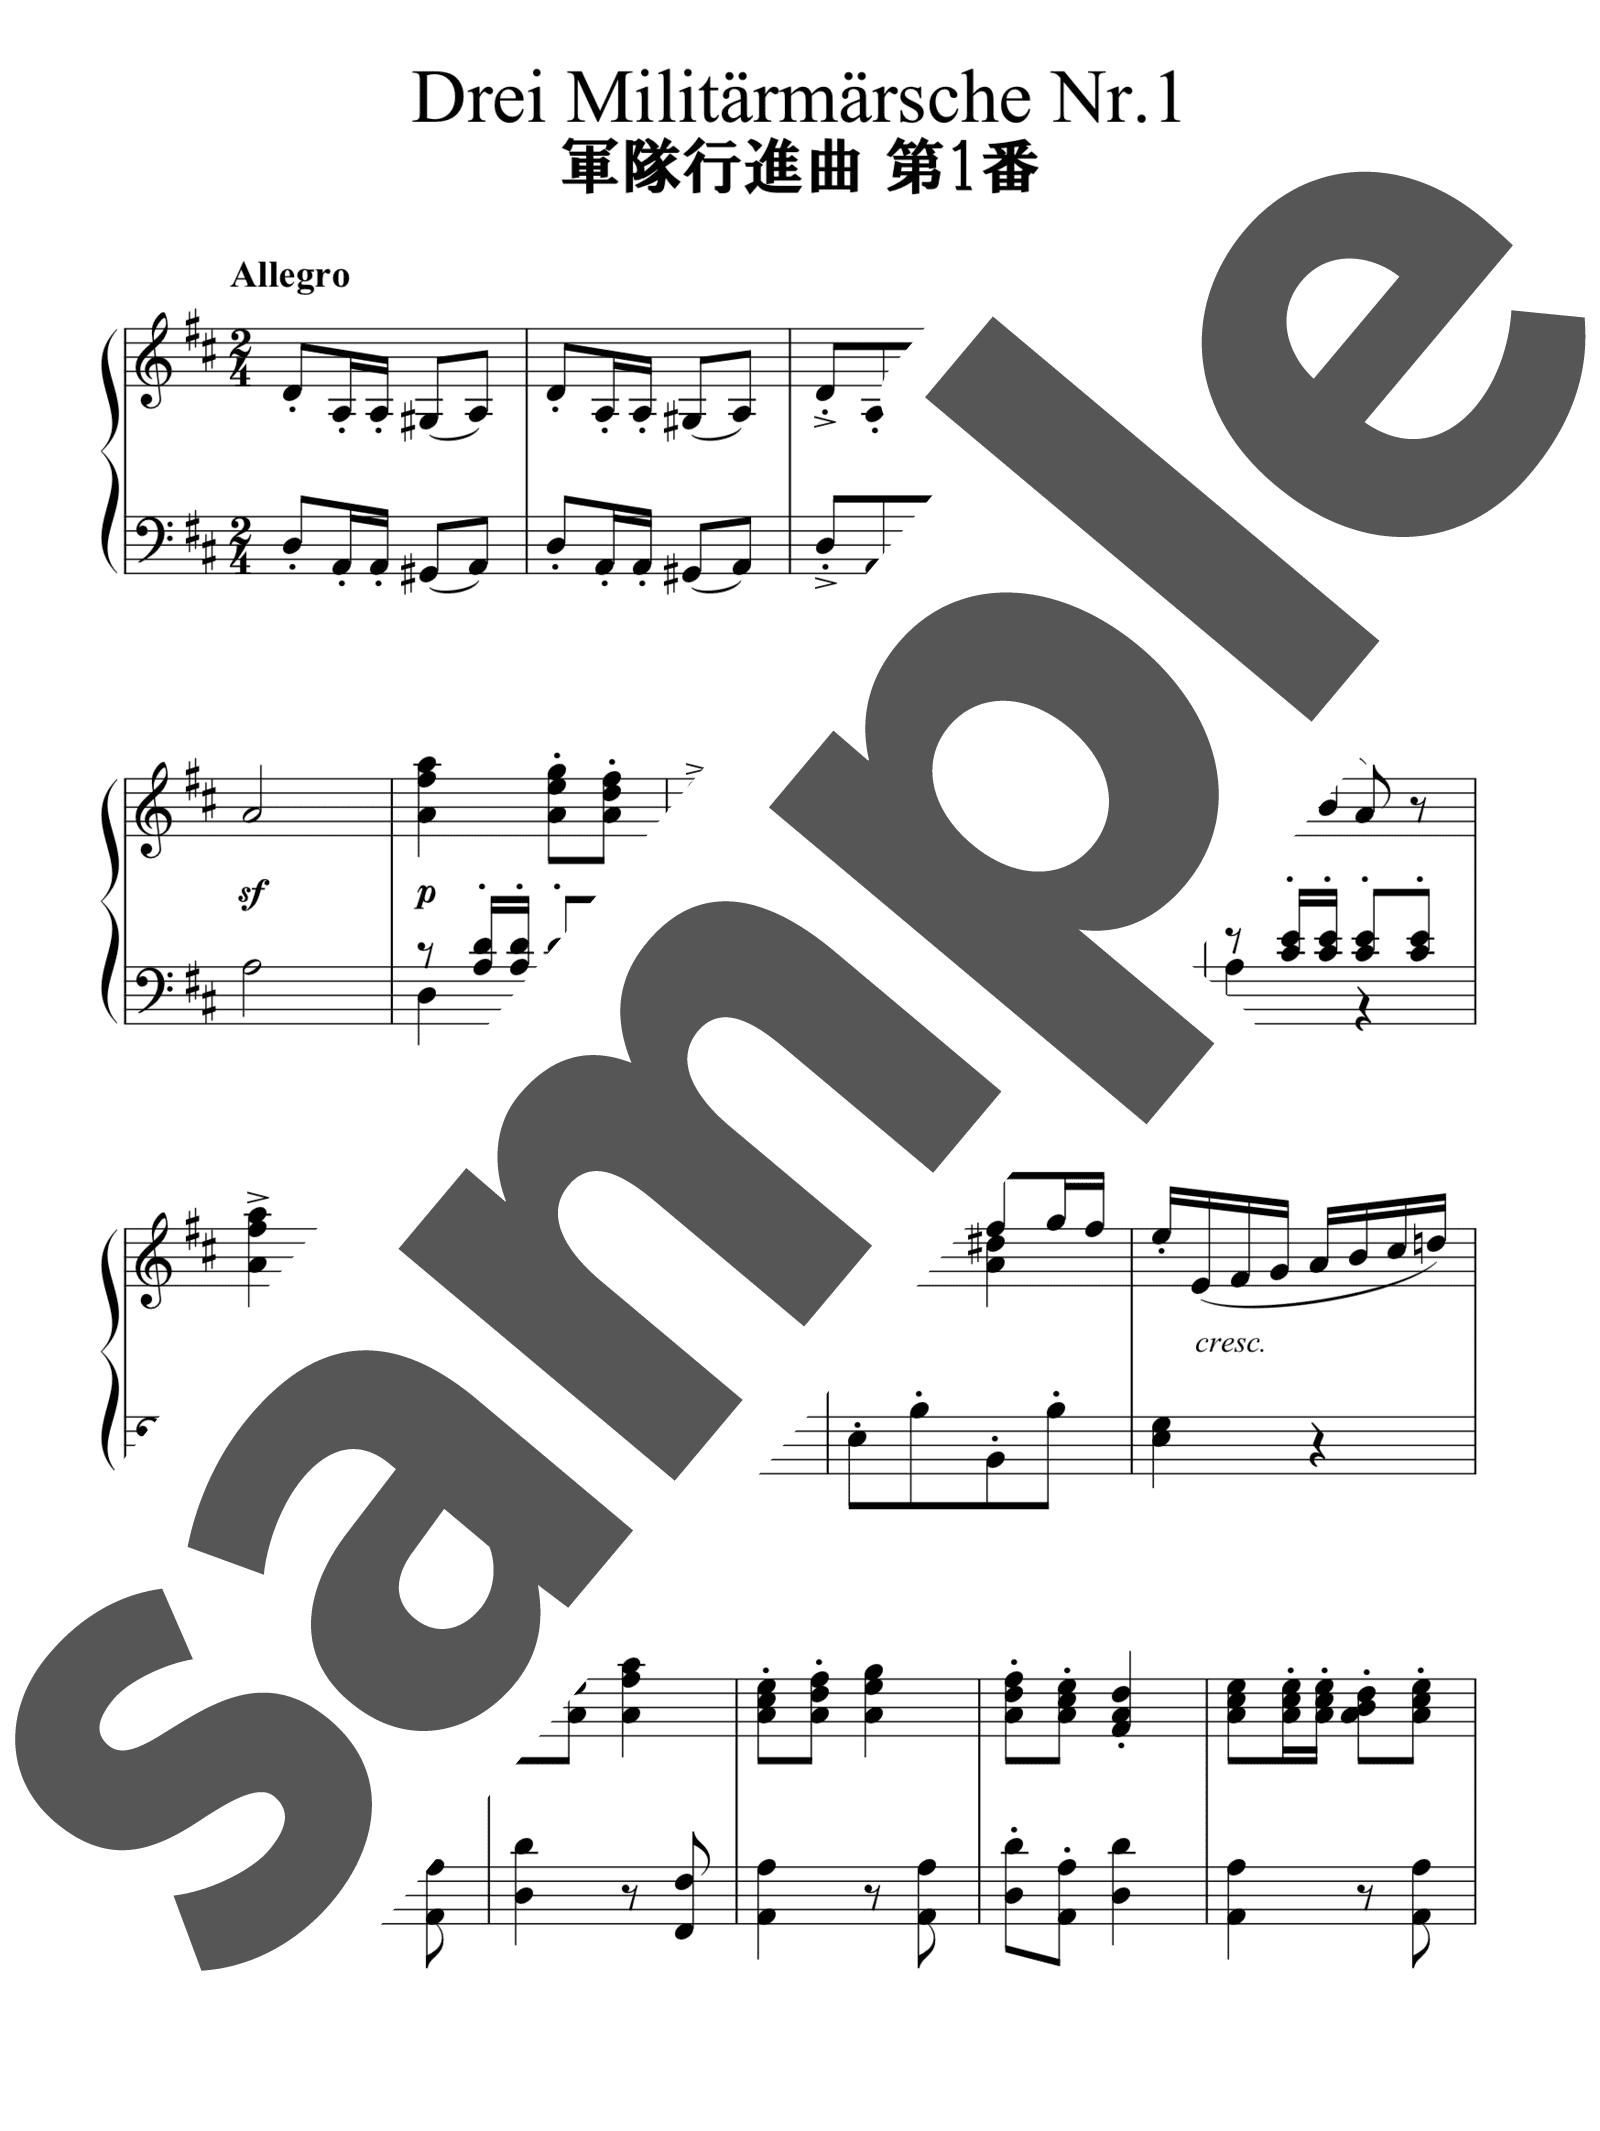 「軍隊行進曲 第1番 ニ長調」のサンプル楽譜